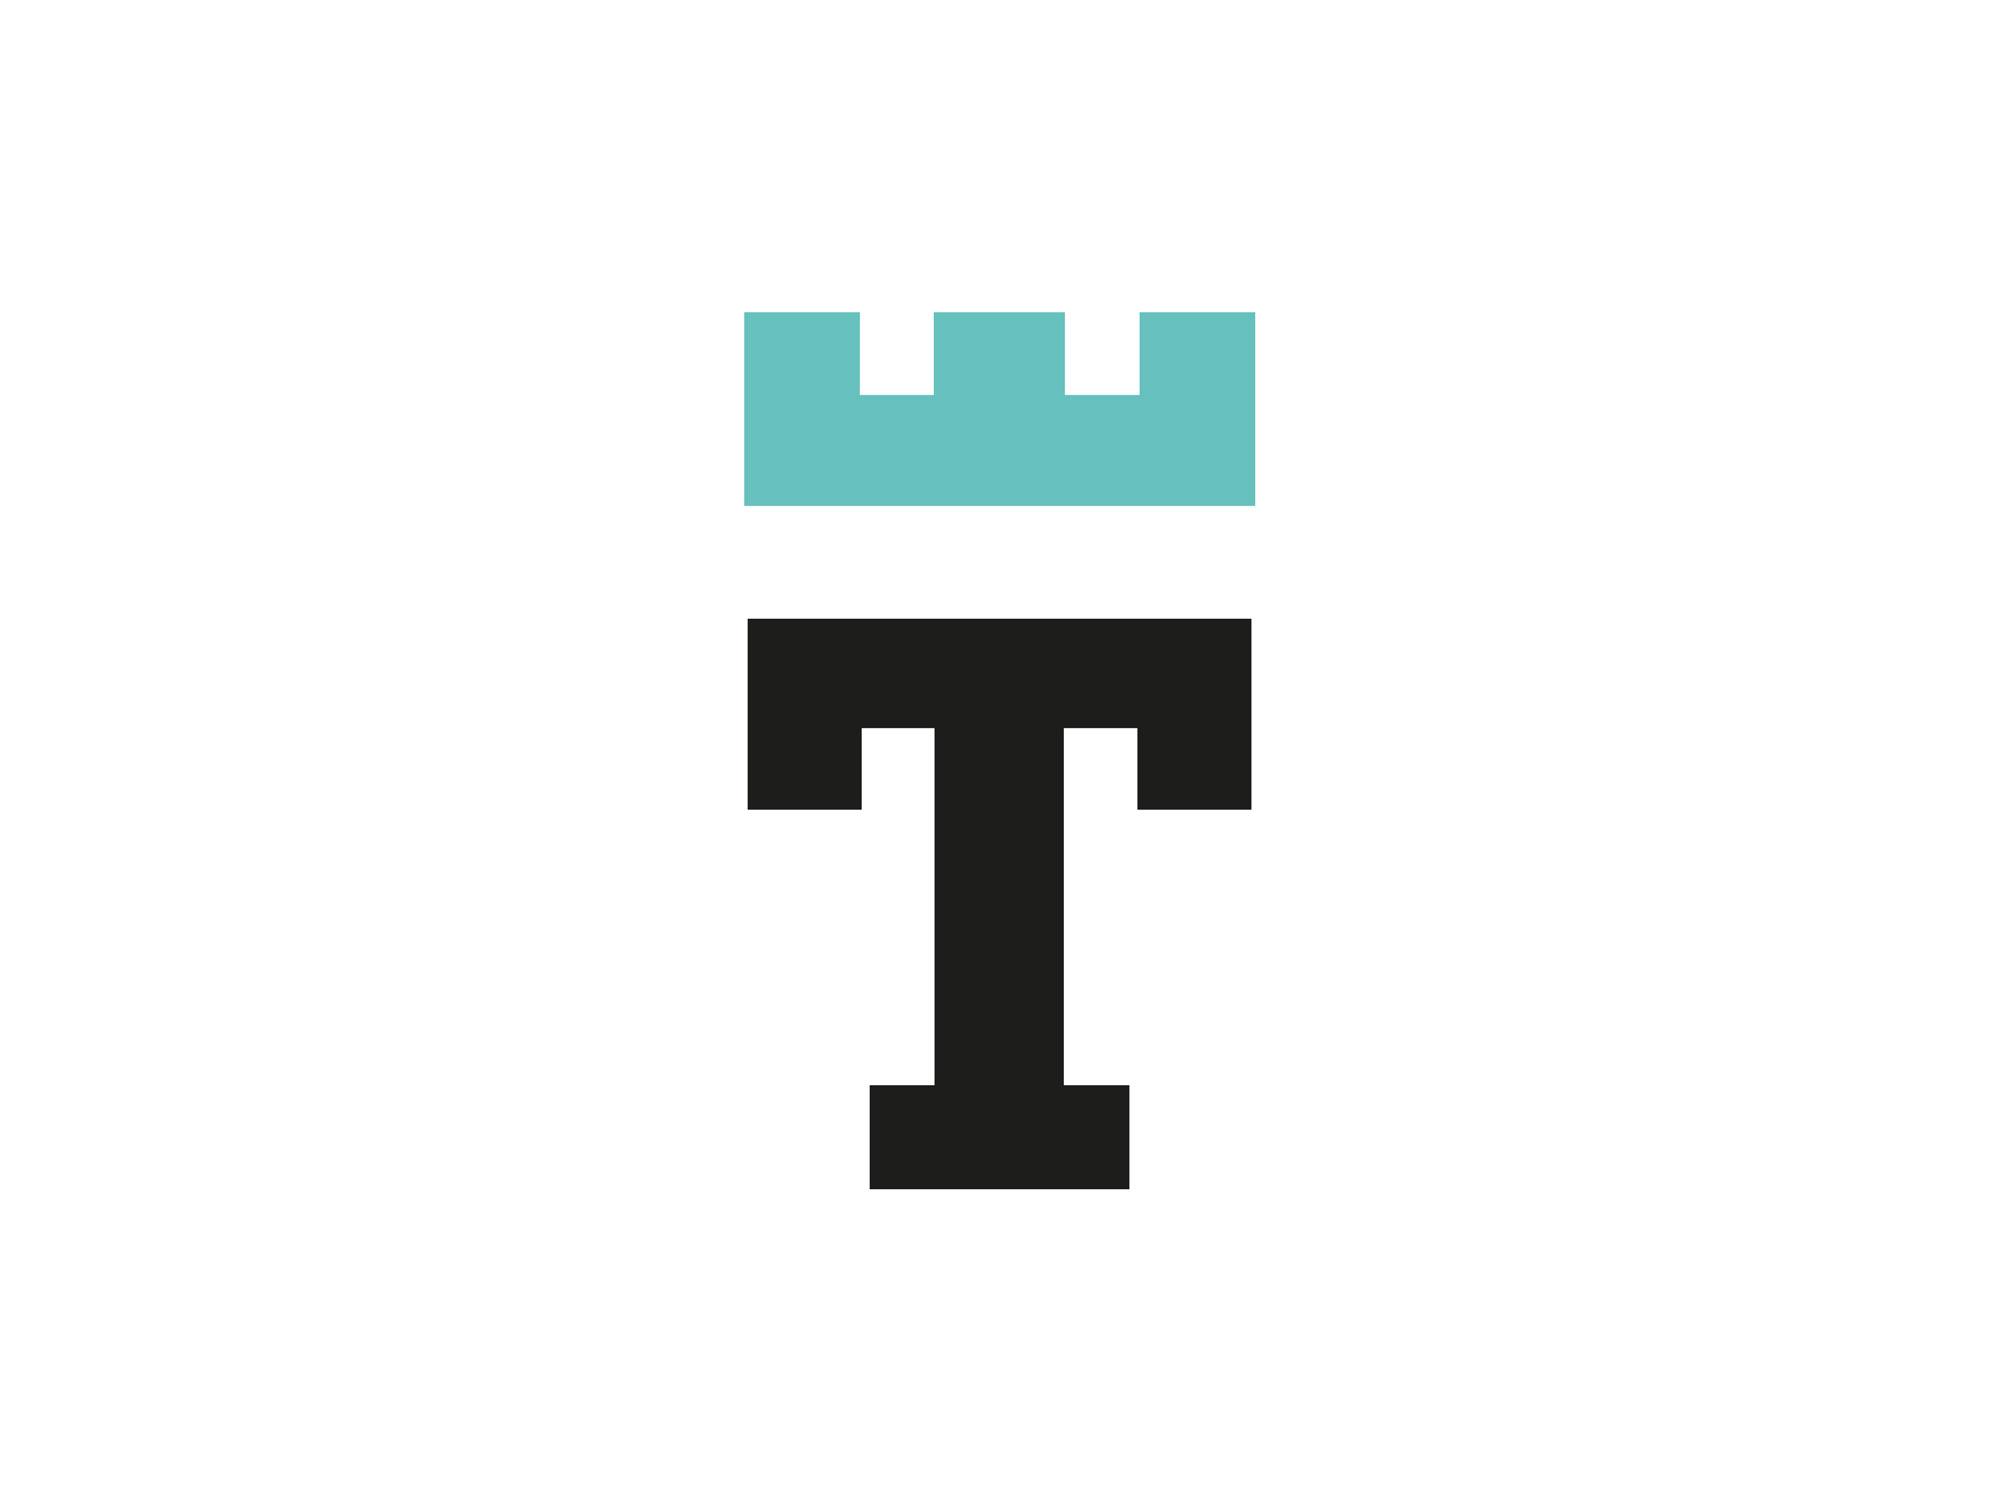 Visit-tones-for-left-bridge-logo-g.jpg